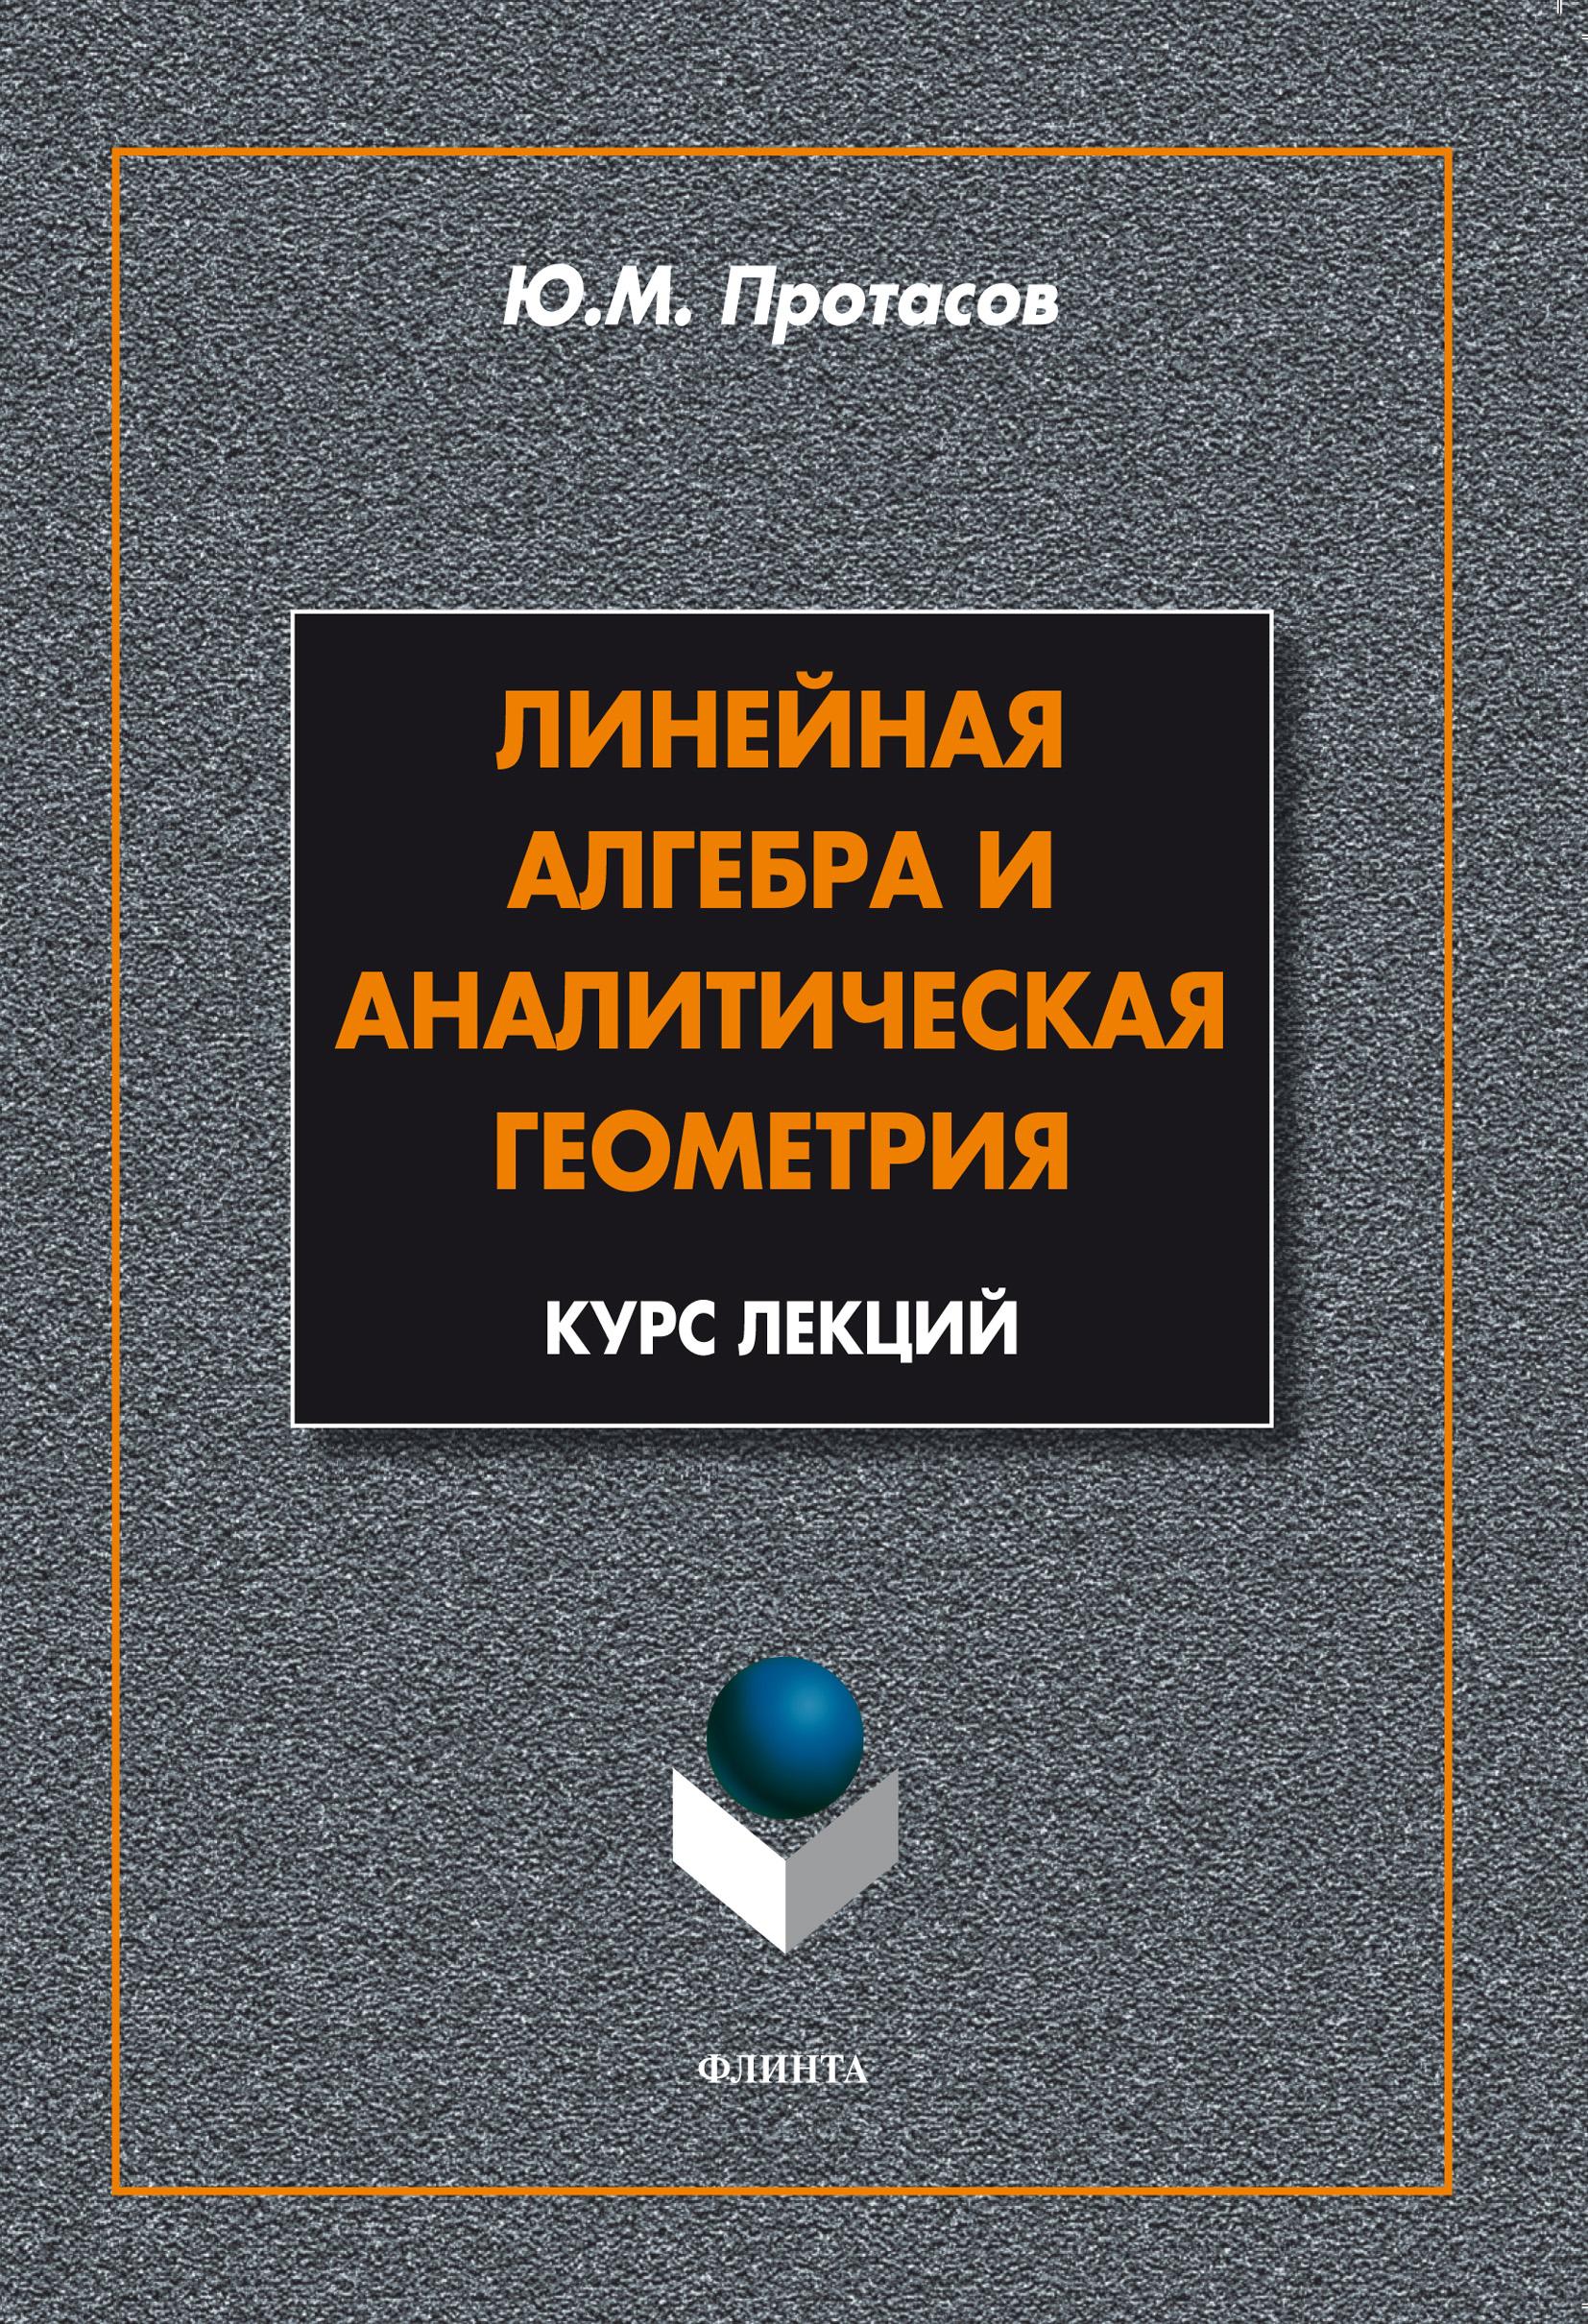 Ю. М. Протасов Линейная алгебра и аналитическая геометрия. Курс лекций м м глухов алгебра и геометрия